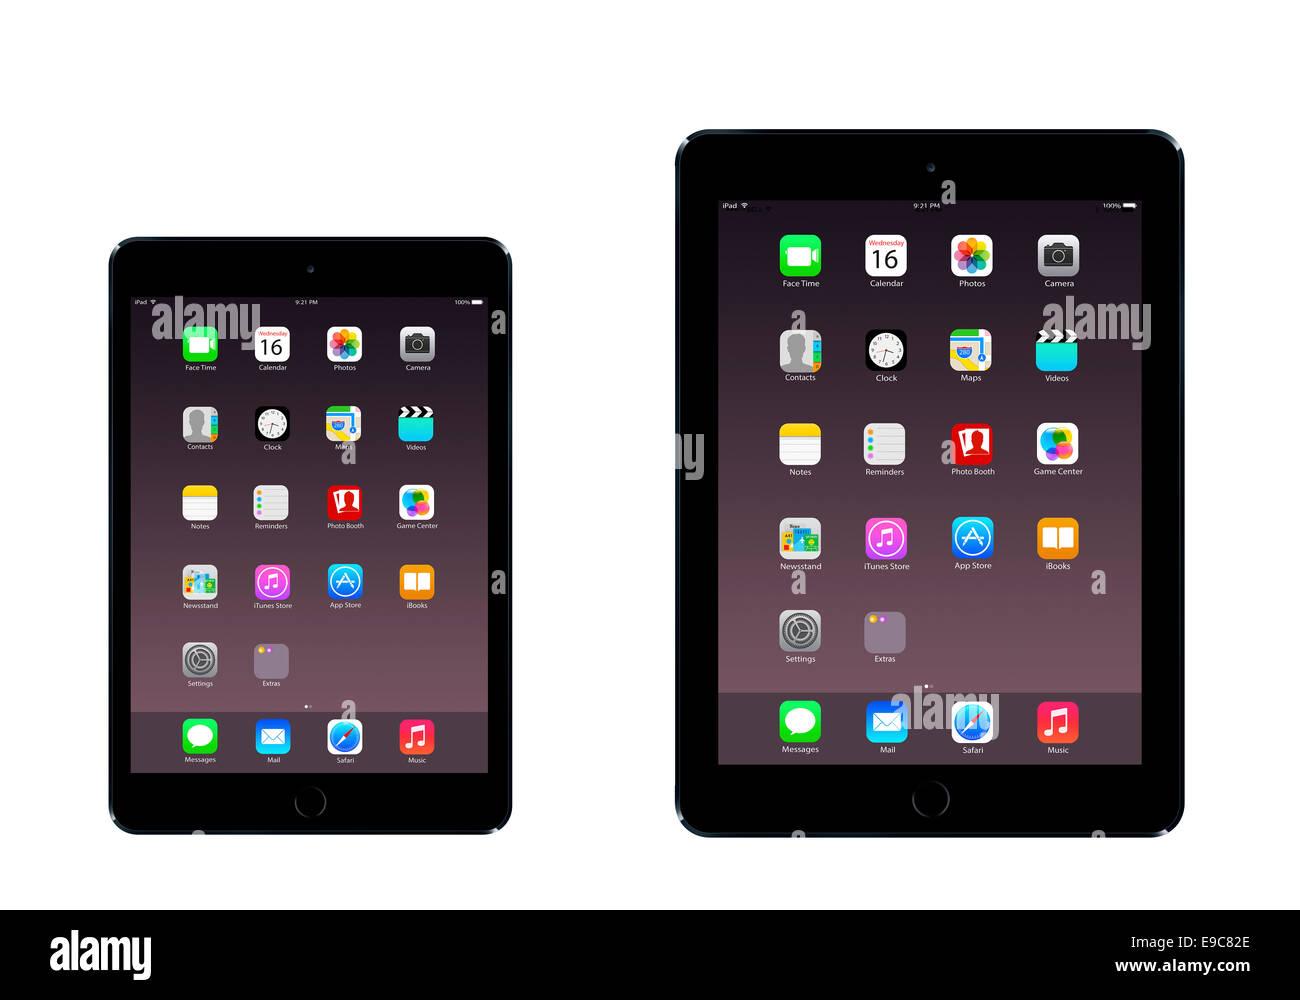 Tabletas iPad 3 iPad mini air 2 (espacio gris) con aplicaciones generadas digitalmente, obras de arte. Imagen De Stock